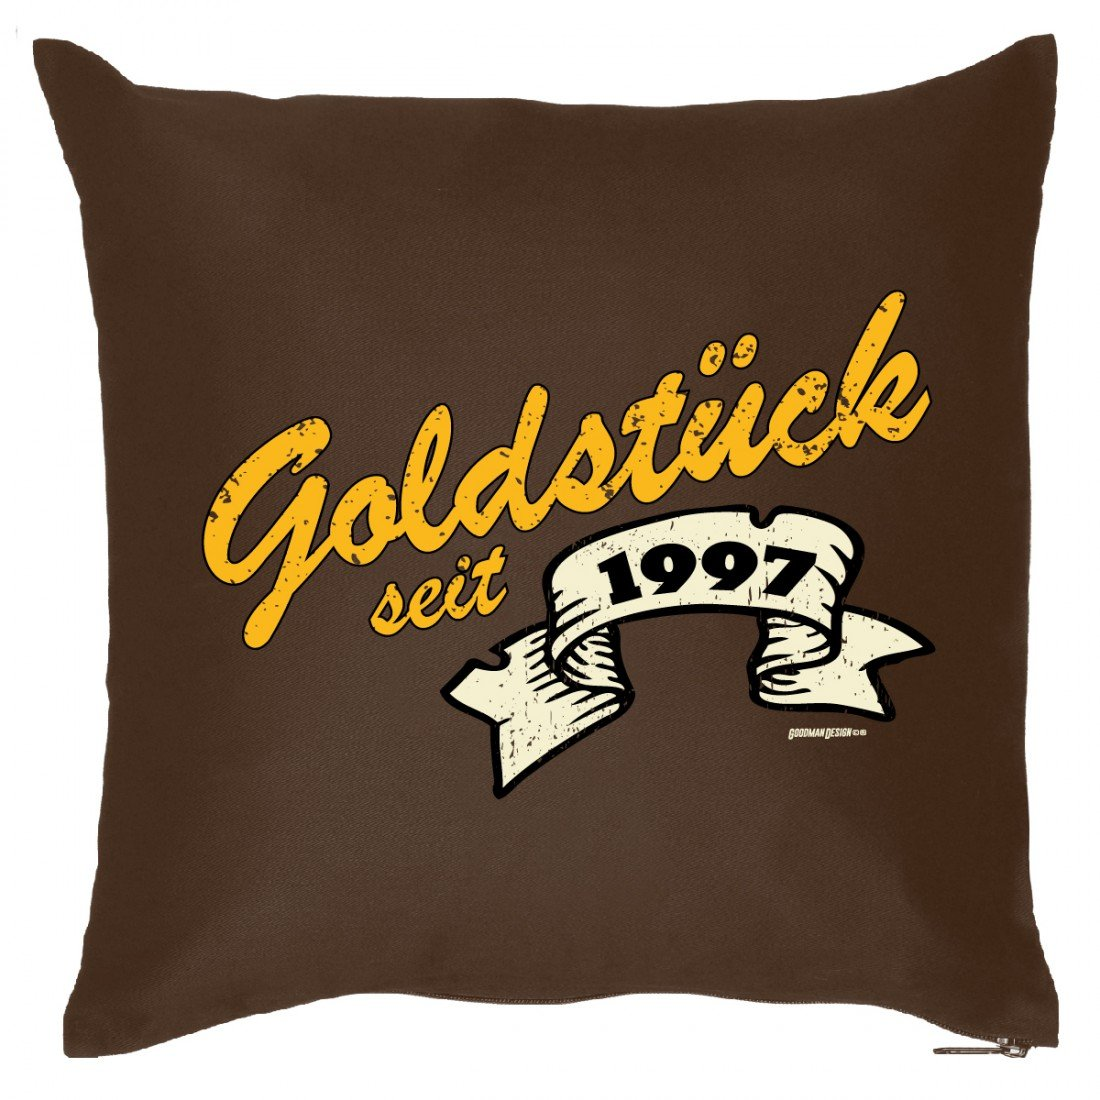 Couch Kissen mit Jahrgang zum Geburtstag – Goldstück seit 1997 – Sofakissen Wendekissen mit Spruch und Humor jetzt bestellen